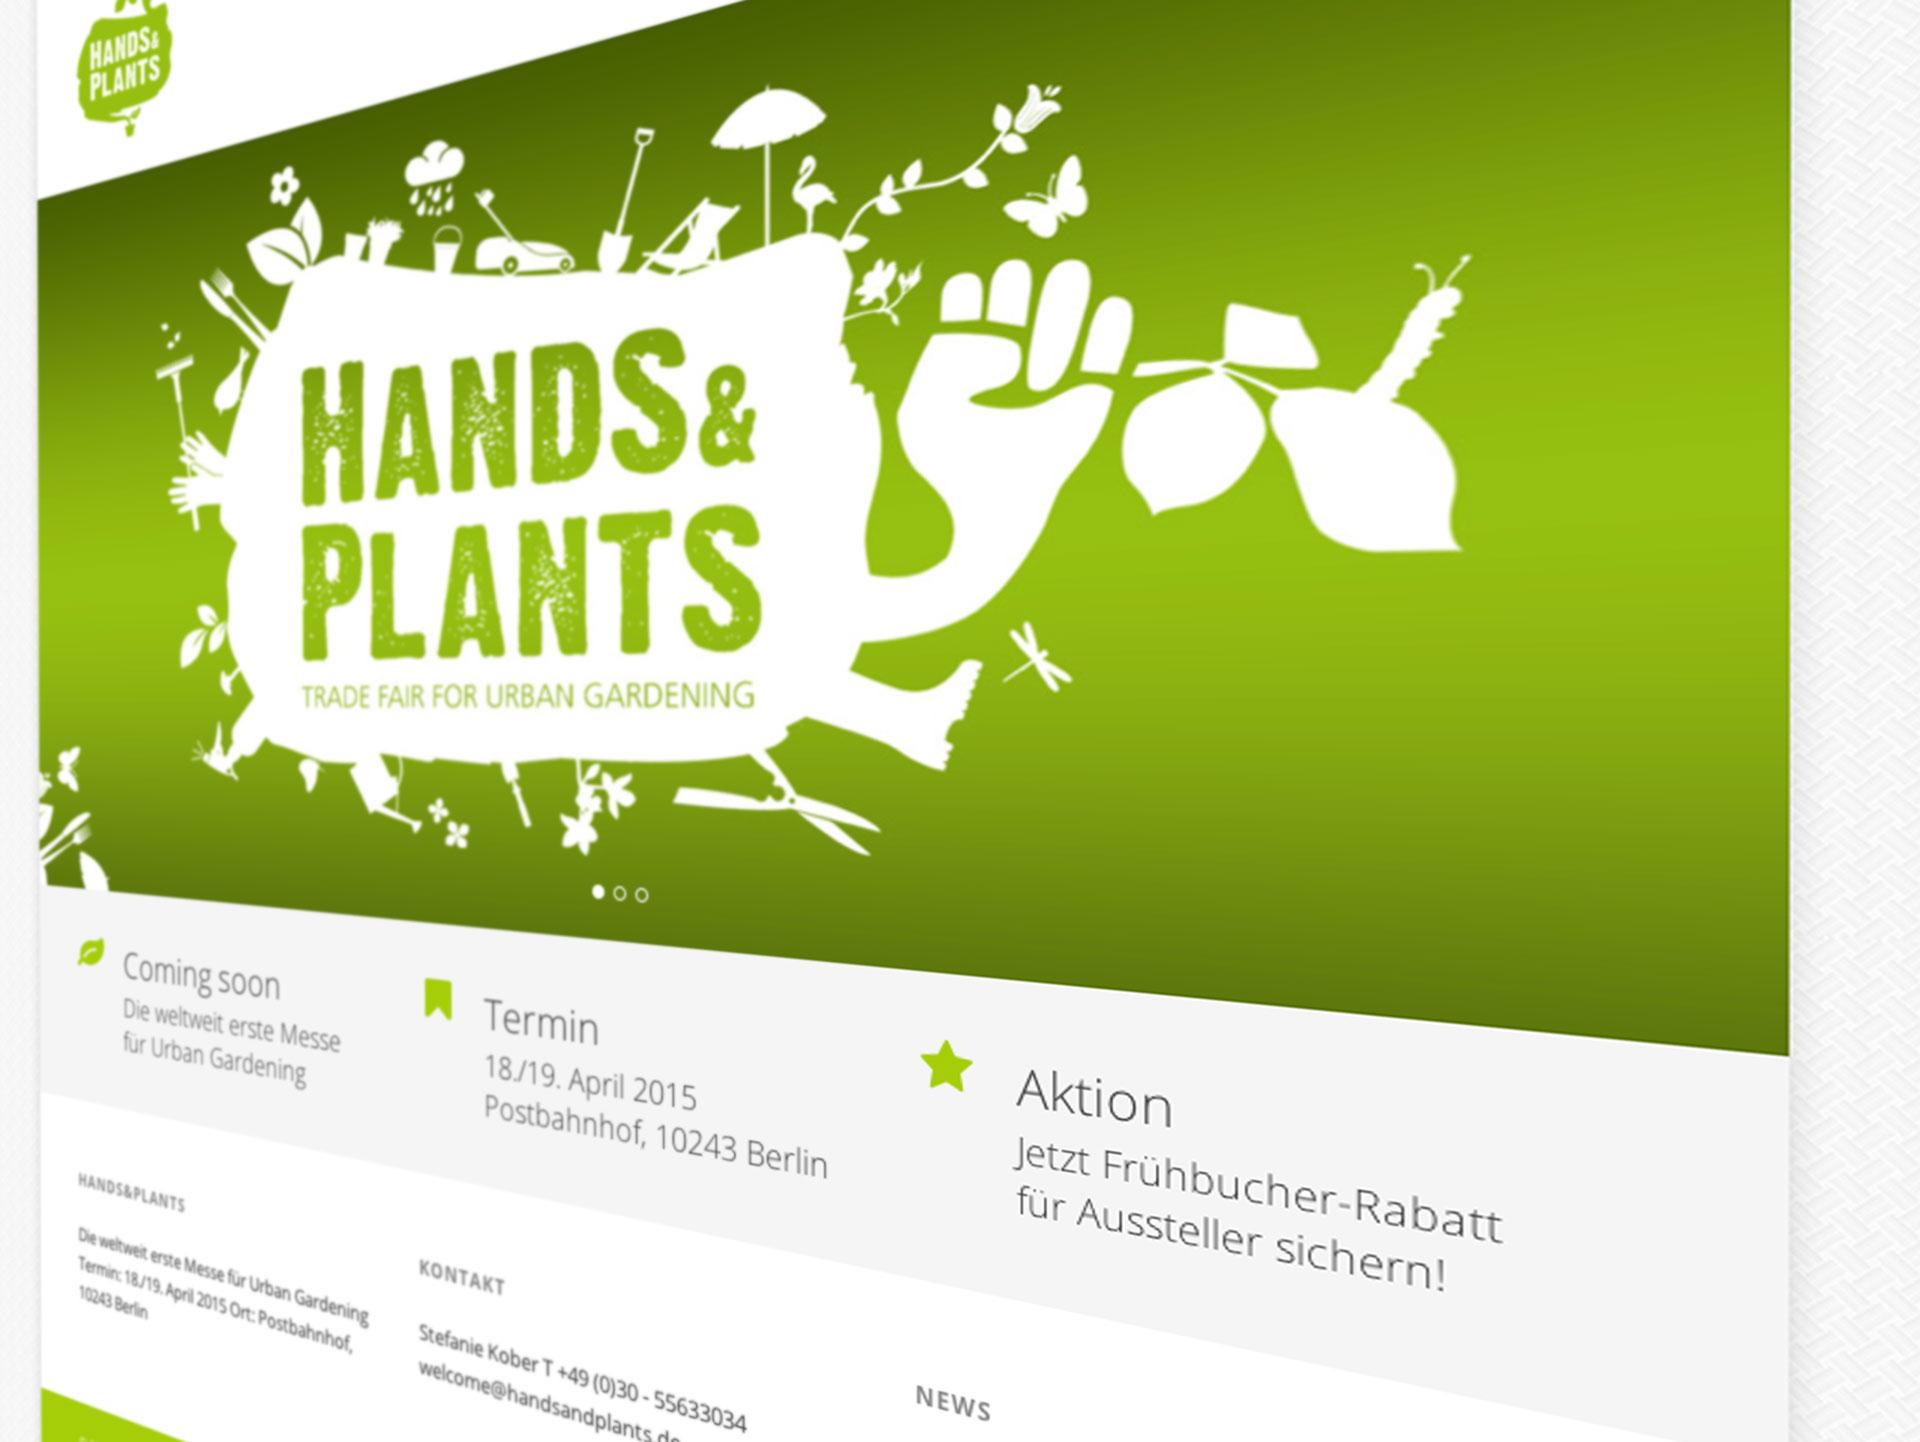 Hands & Plants